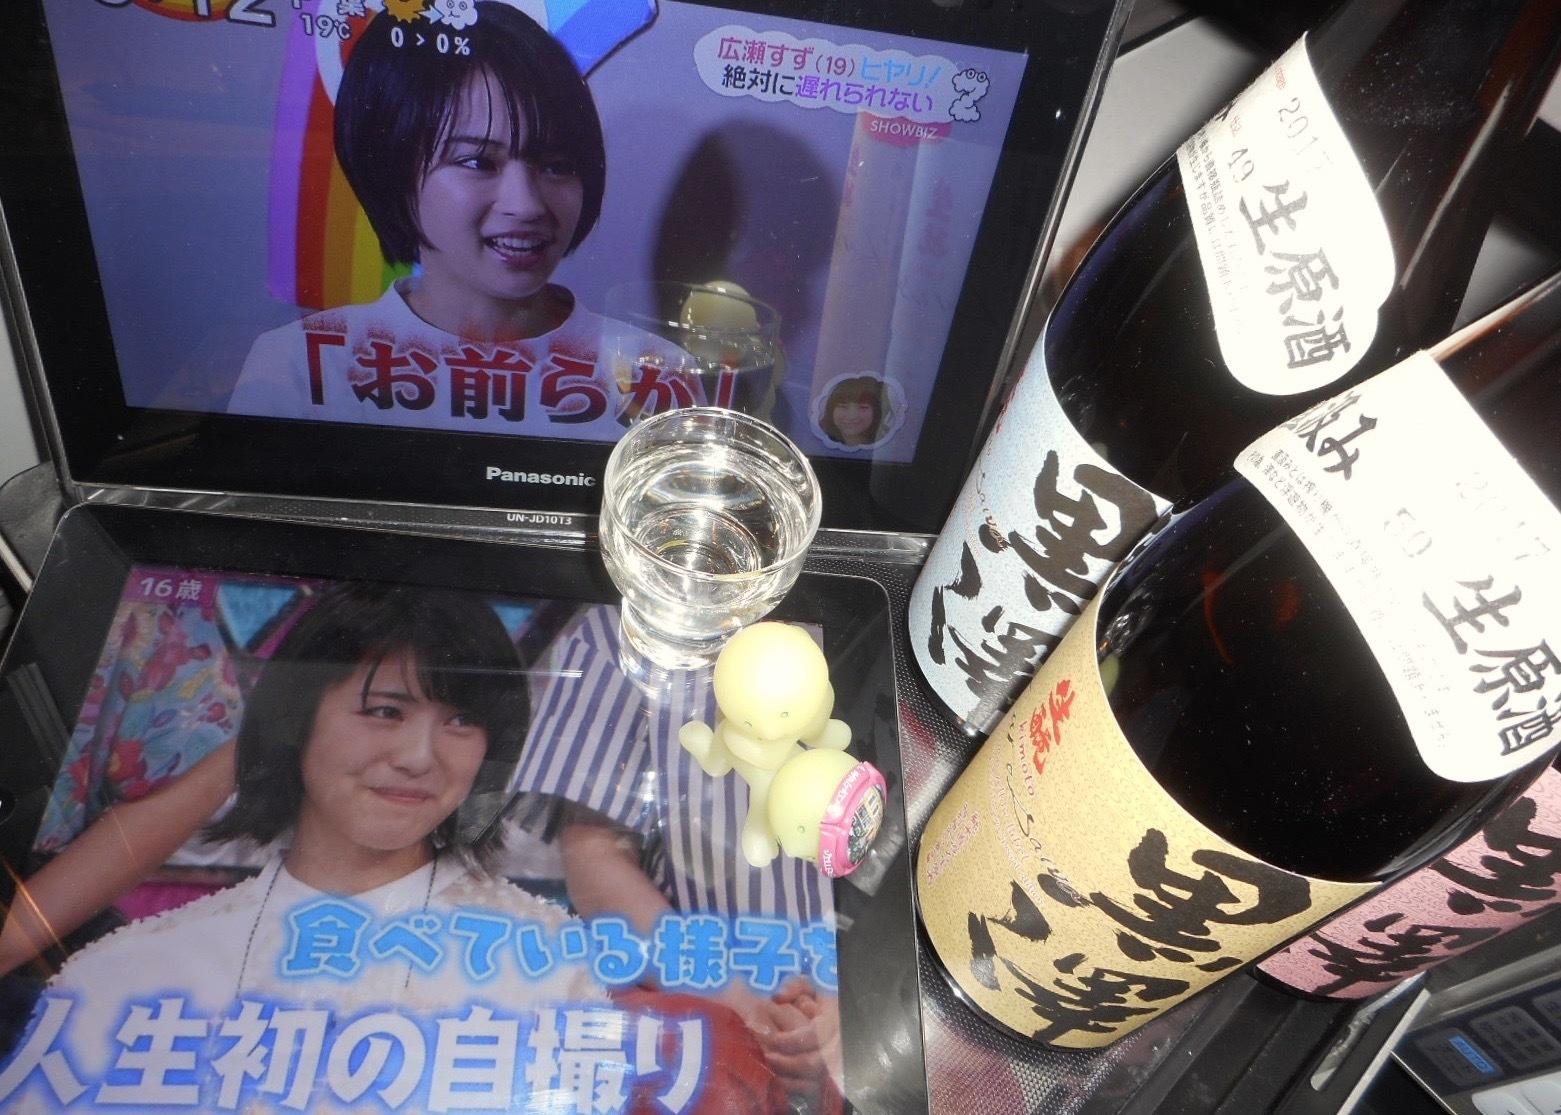 kurosawa信号三兄弟29by7